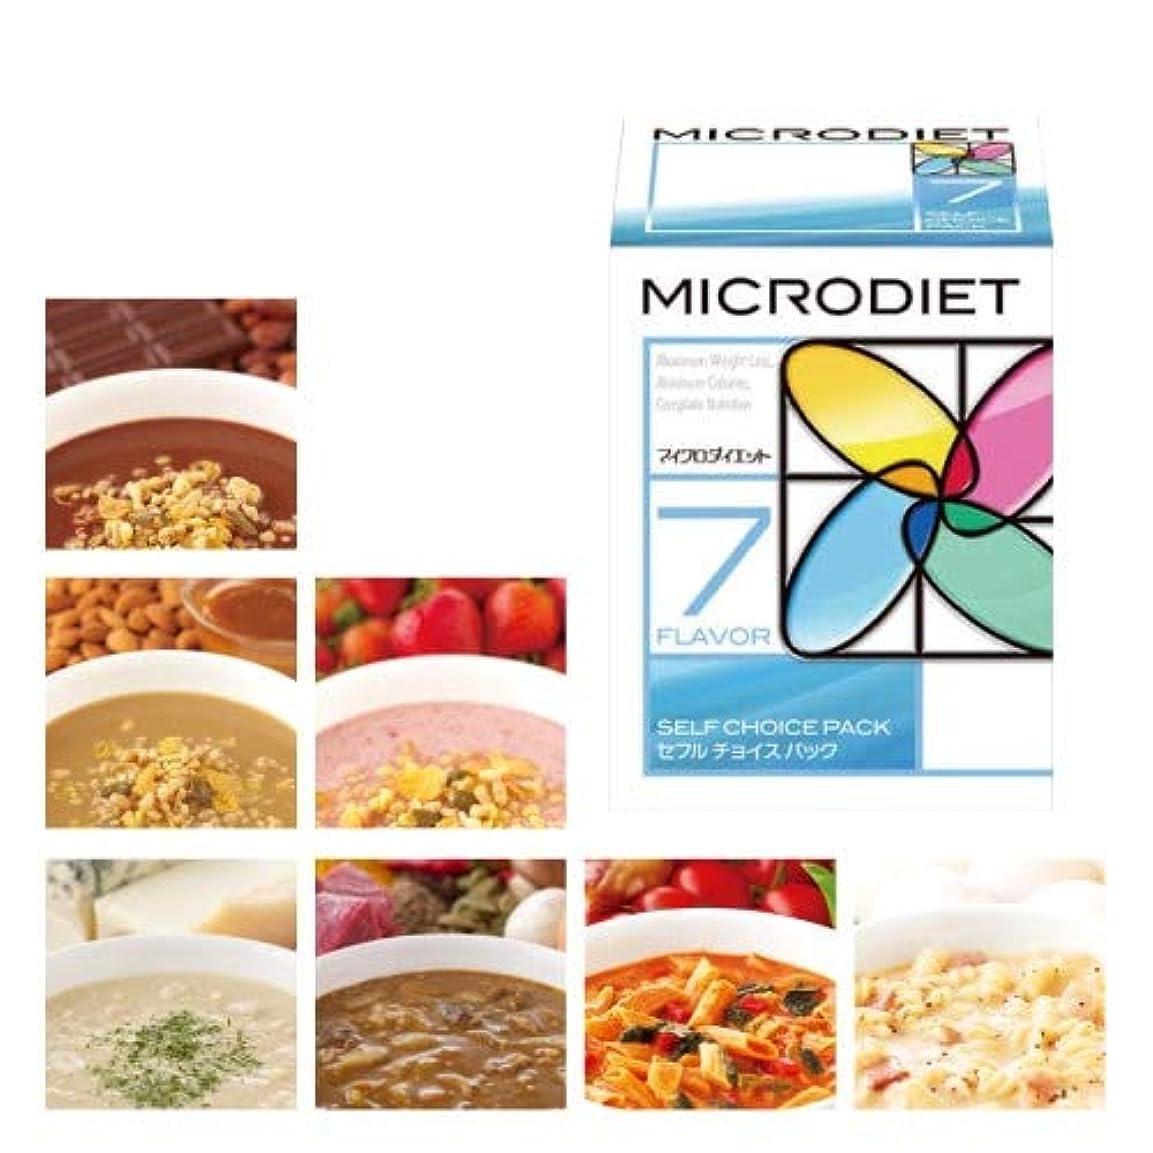 十分指定する硫黄マイクロダイエット MICRODIET リゾパス&シリアル(ミックス)7食